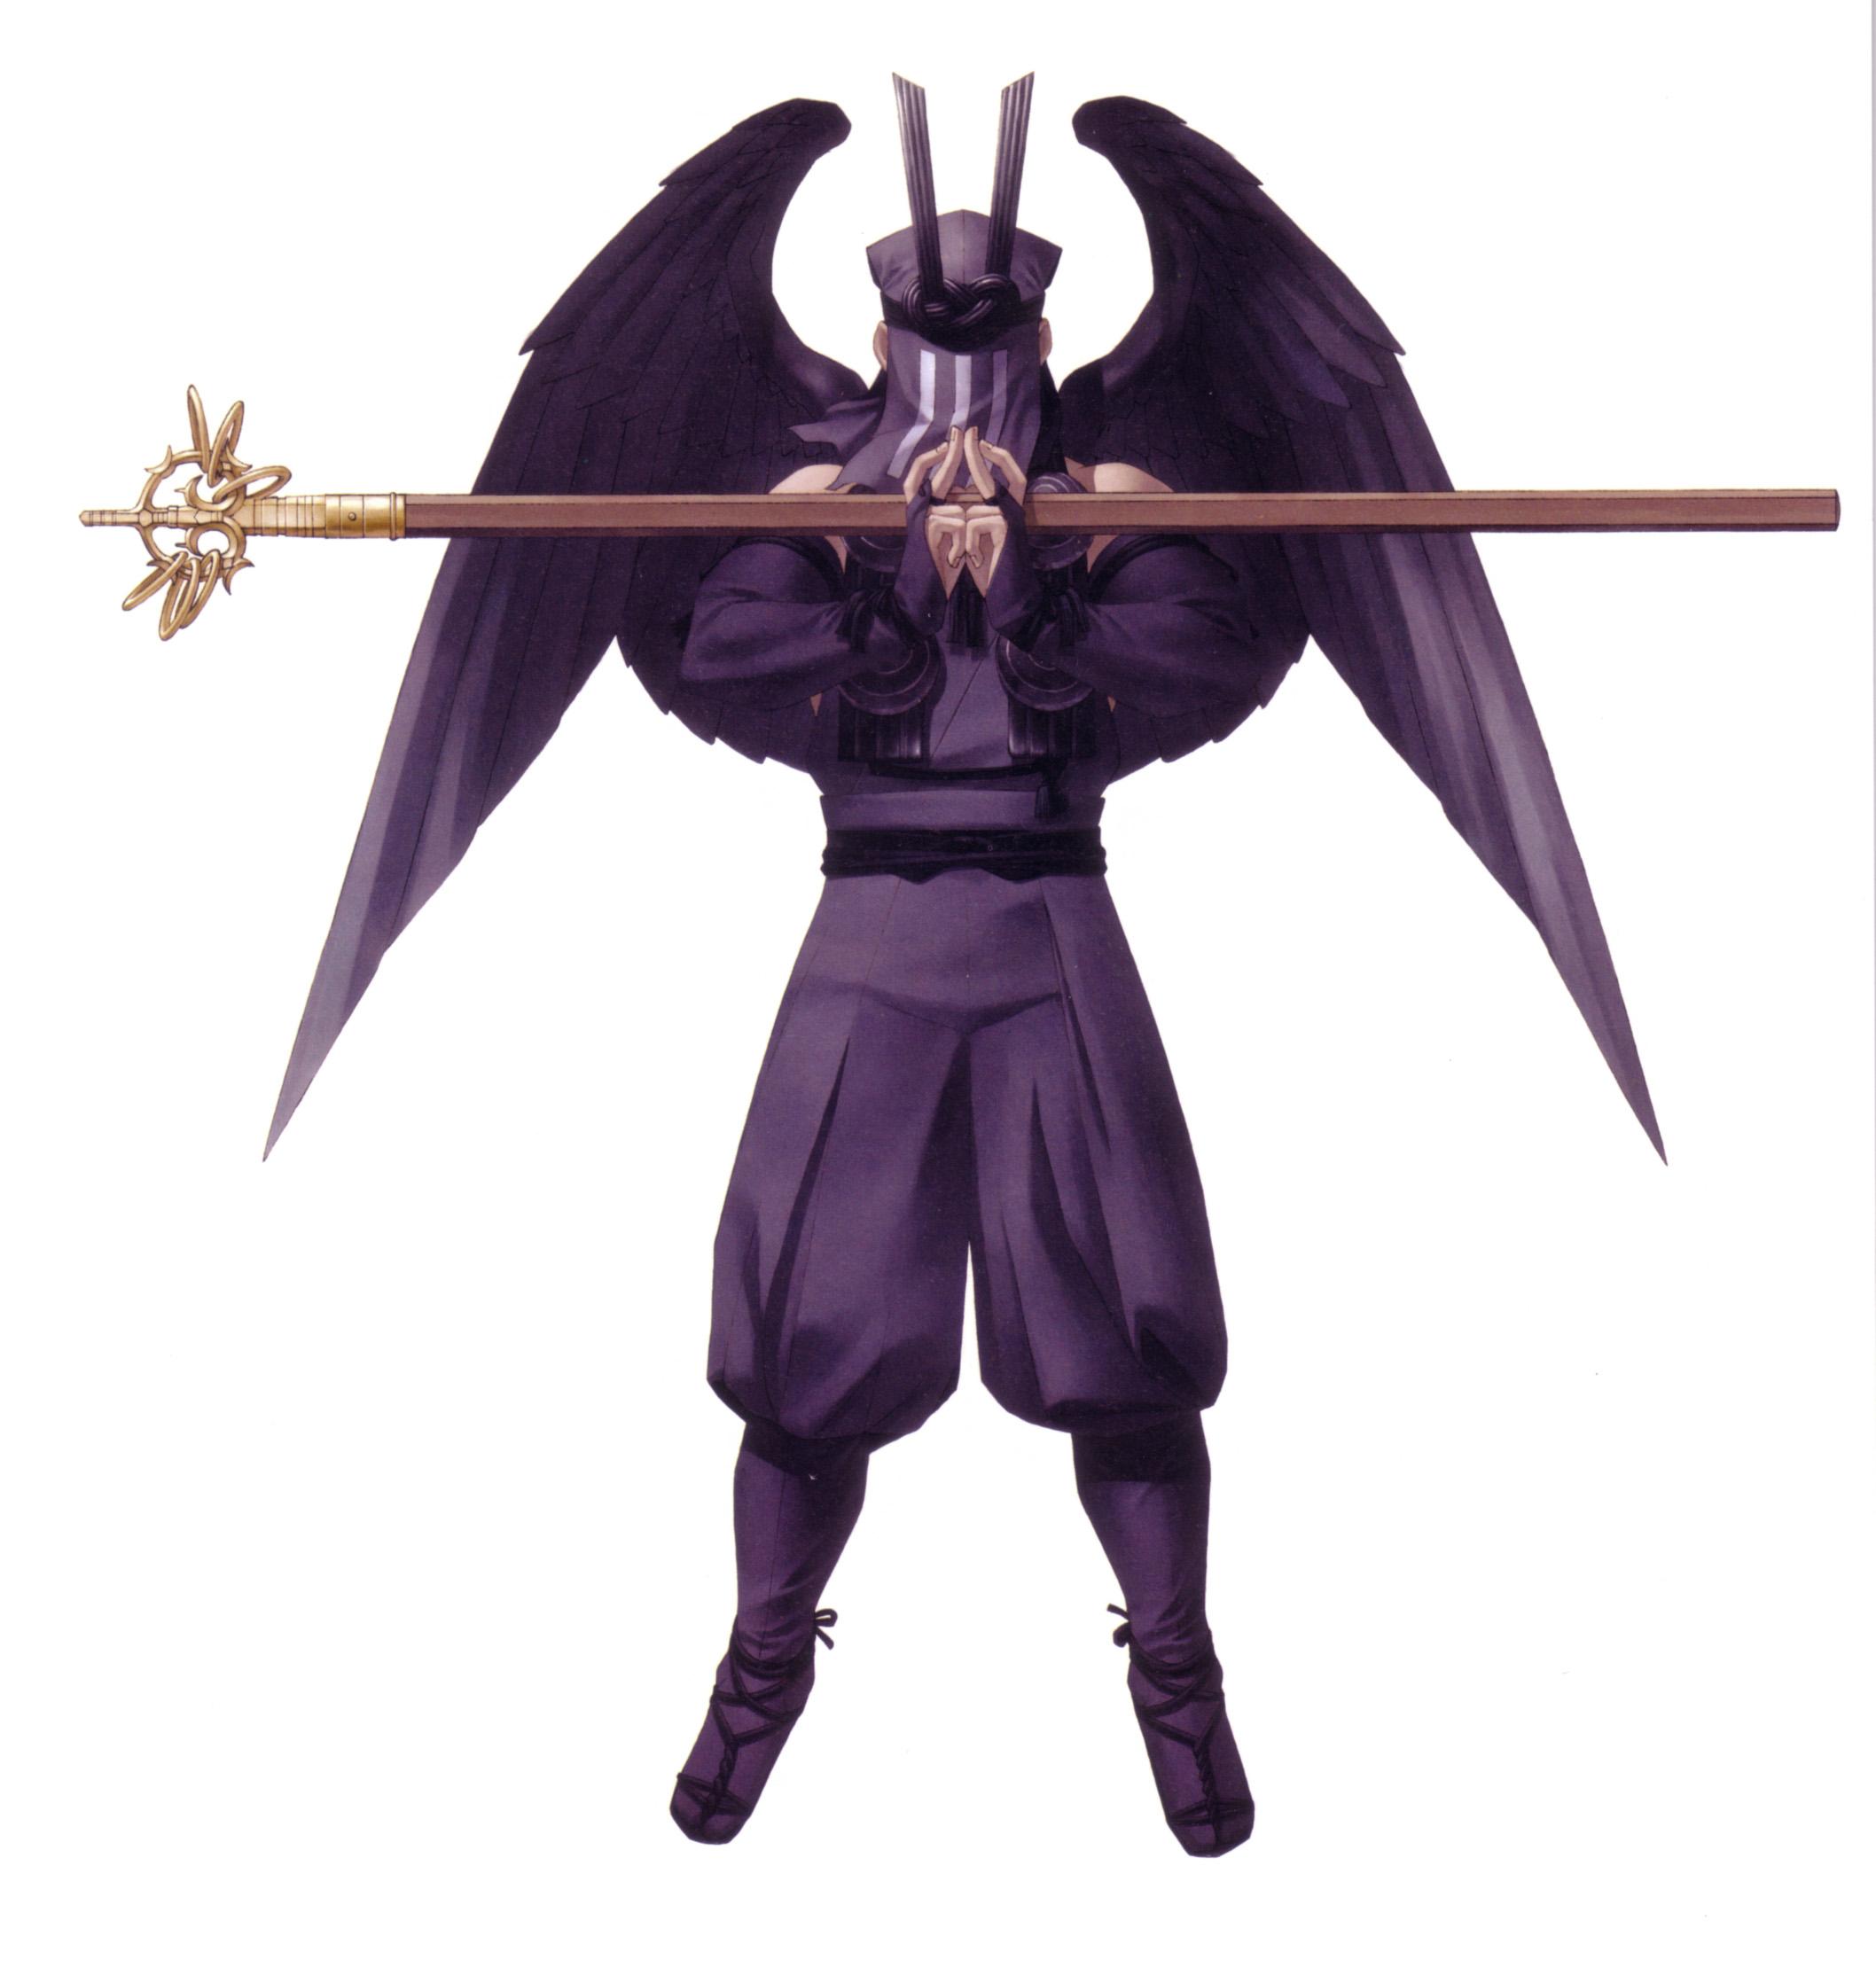 Karasu Tengu - Megami Tensei Wiki: a Demonic Compendium of